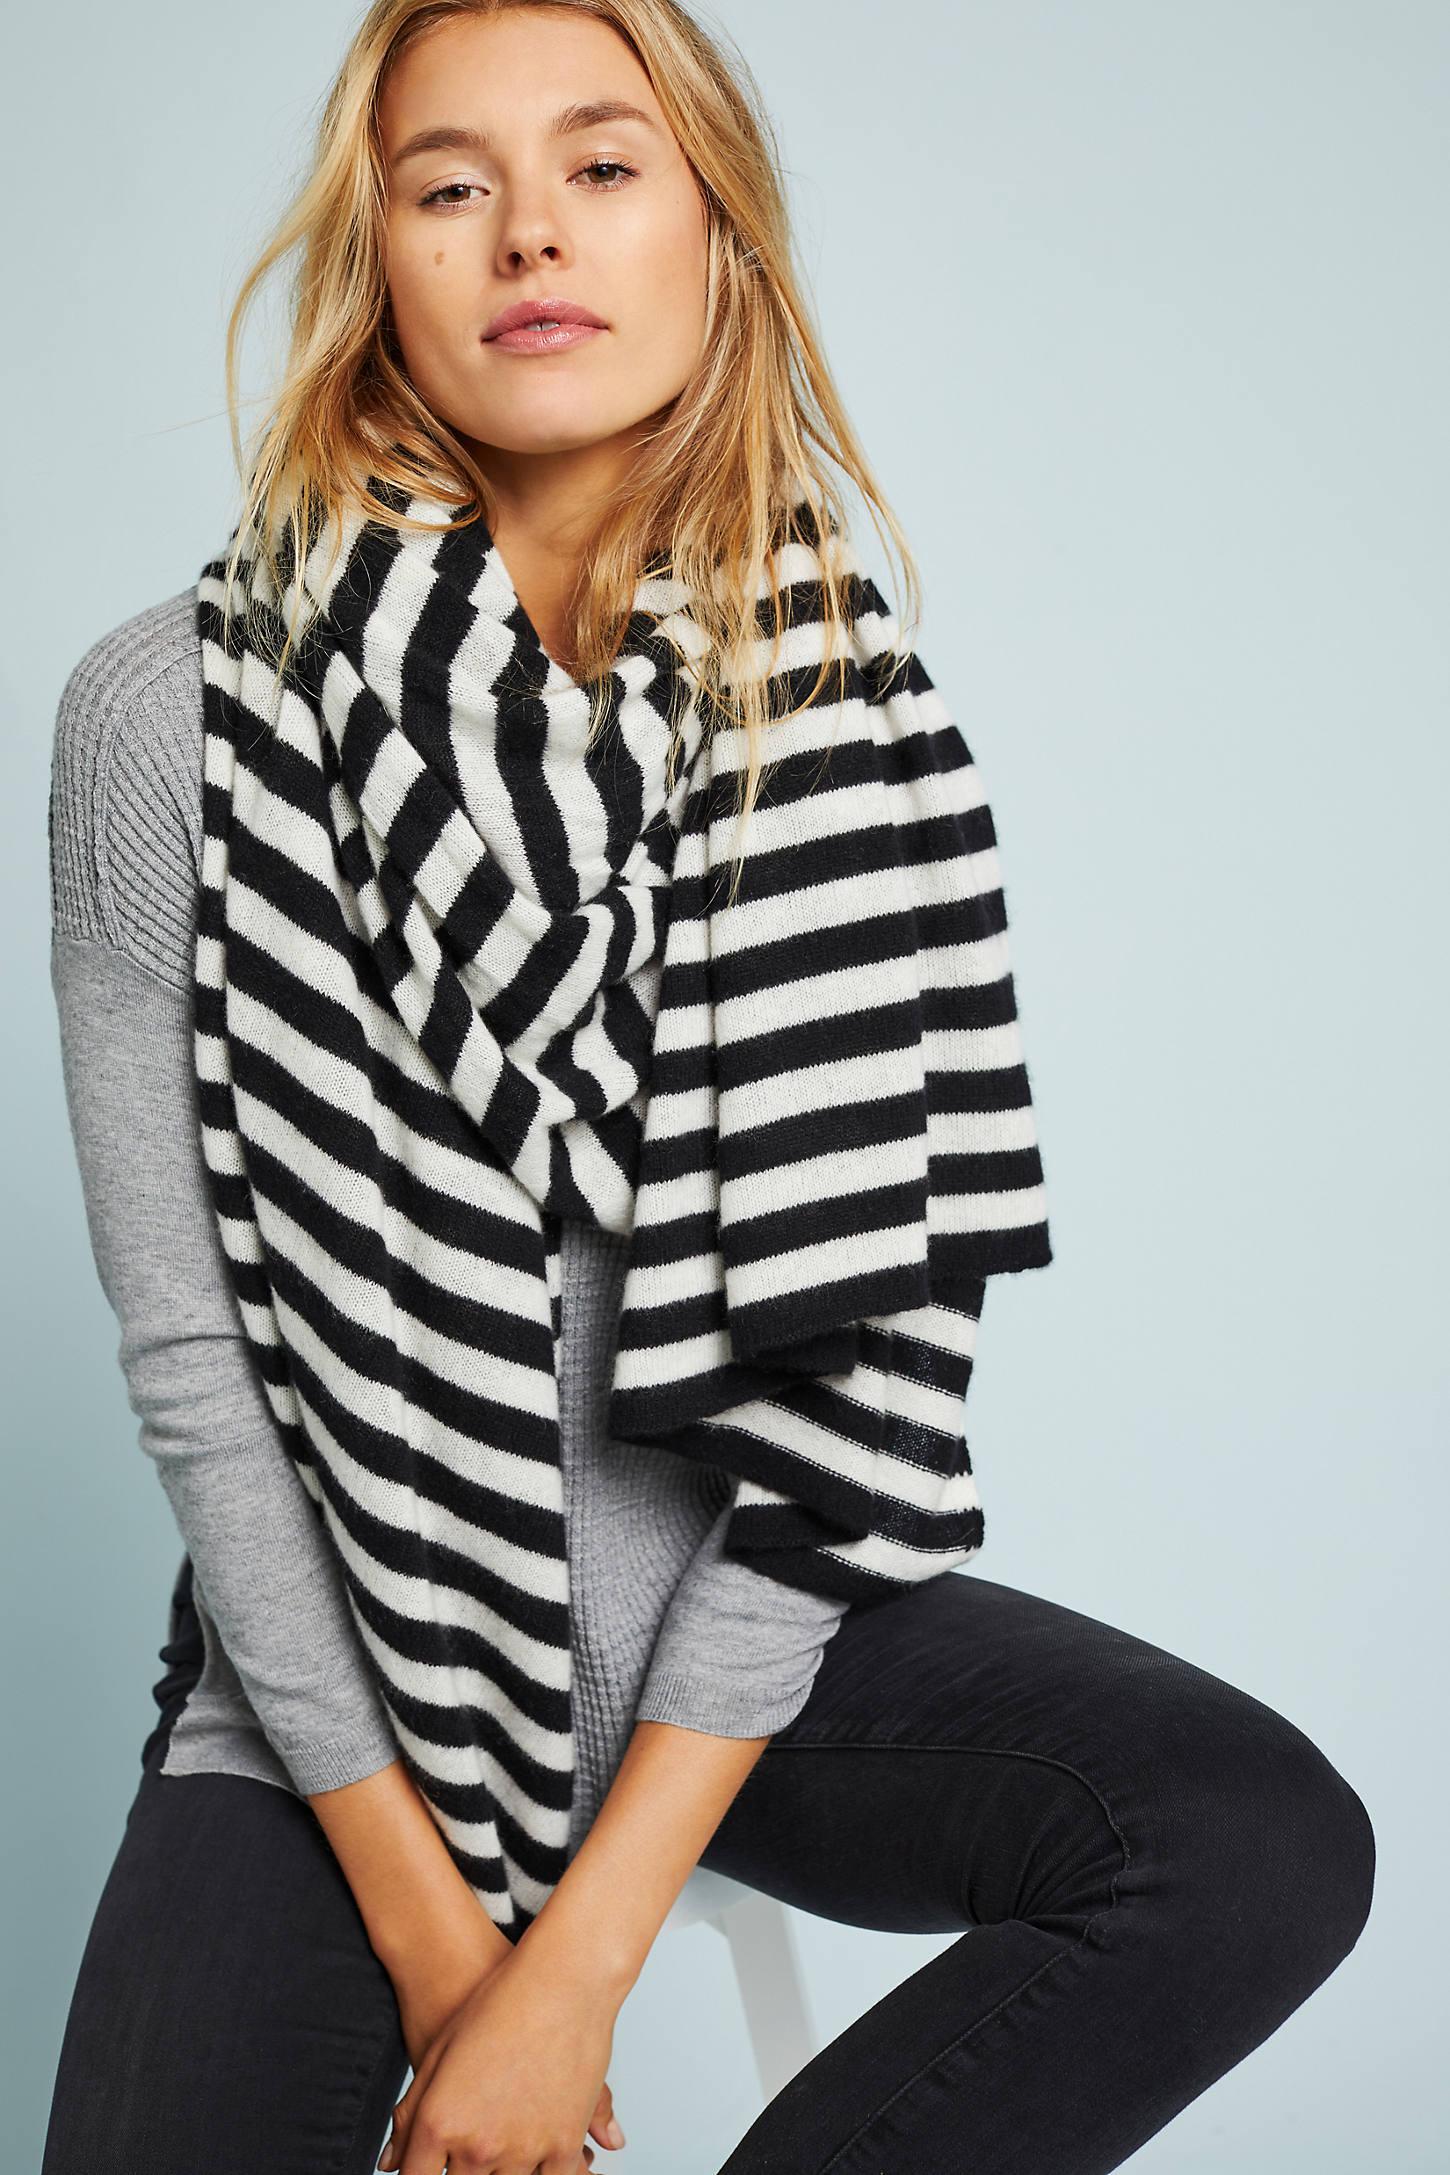 Striped Cashmere Wrap Scarf